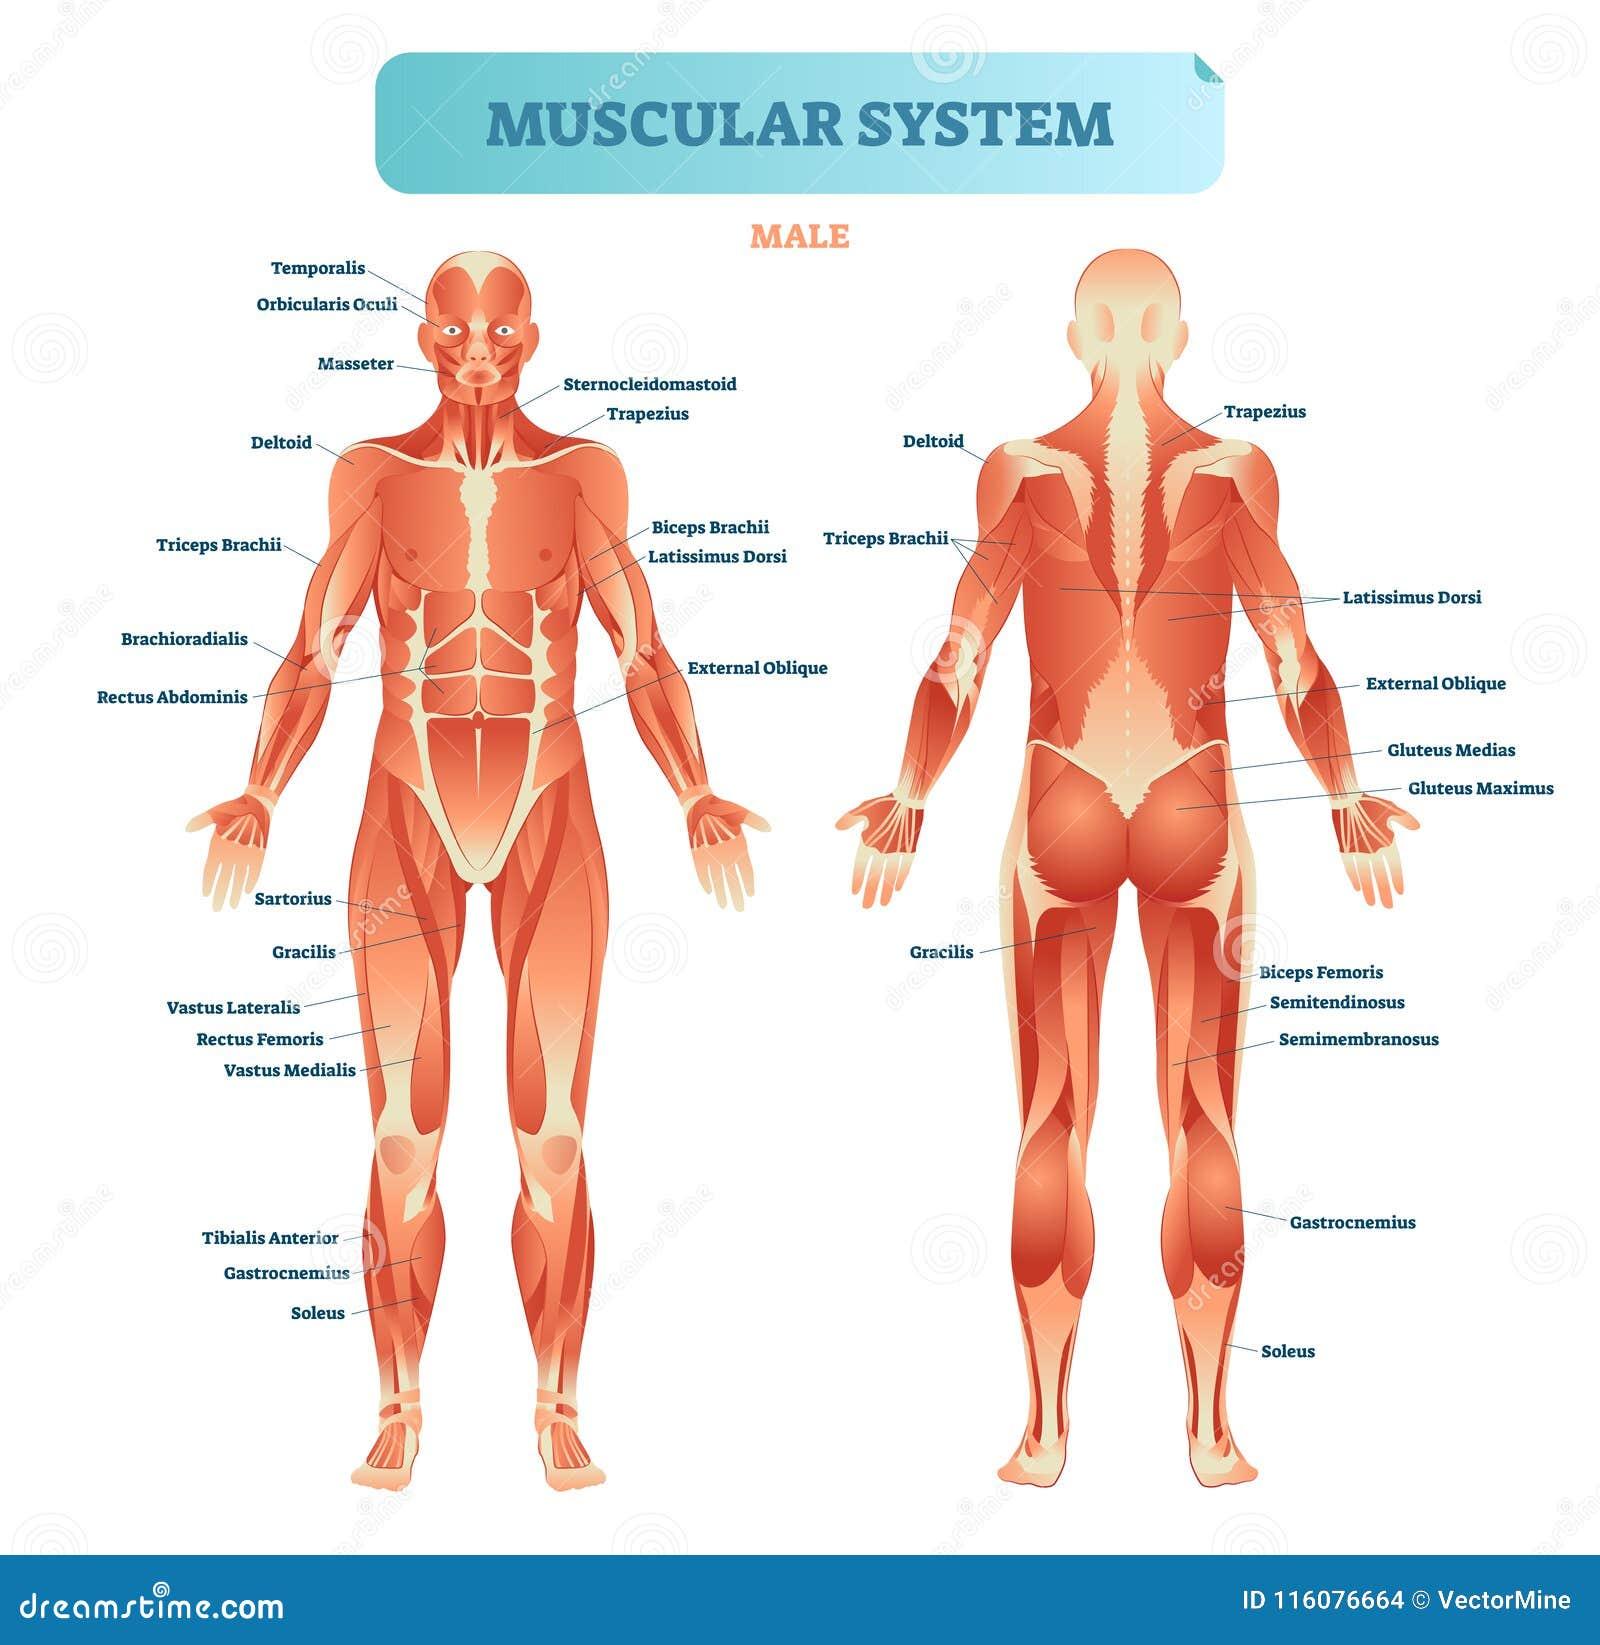 Ανδρικό μυϊκό σύστημα, πλήρες ανατομικό διάγραμμα σωμάτων με το σχέδιο μυών, διανυσματική εκπαιδευτική αφίσα απεικόνισης